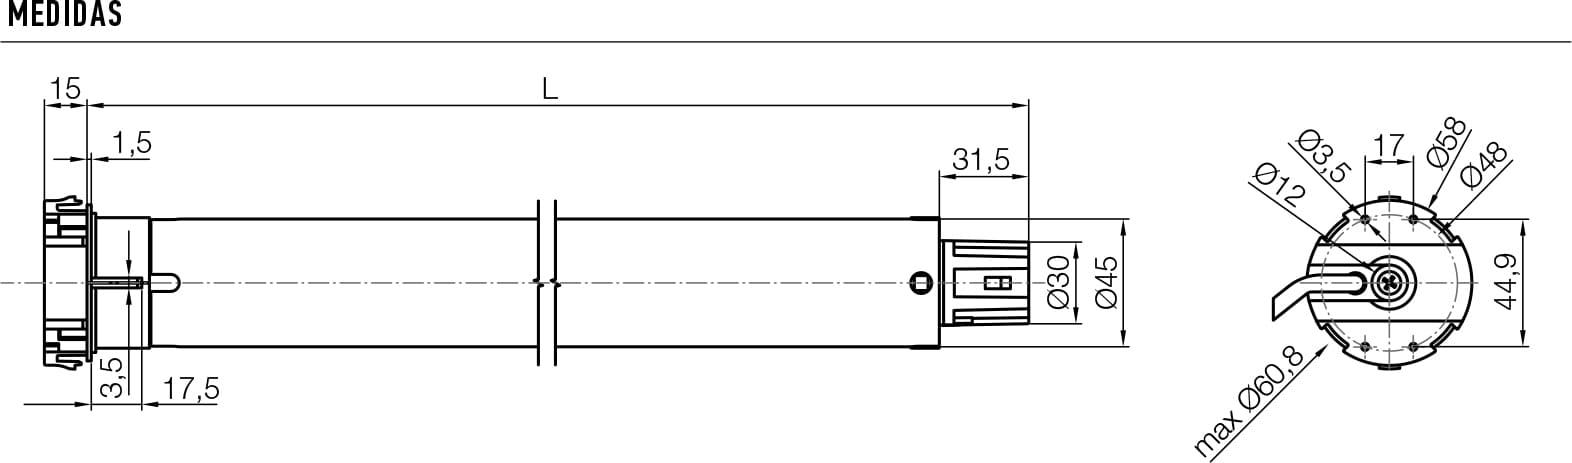 Era Mat MT 4012